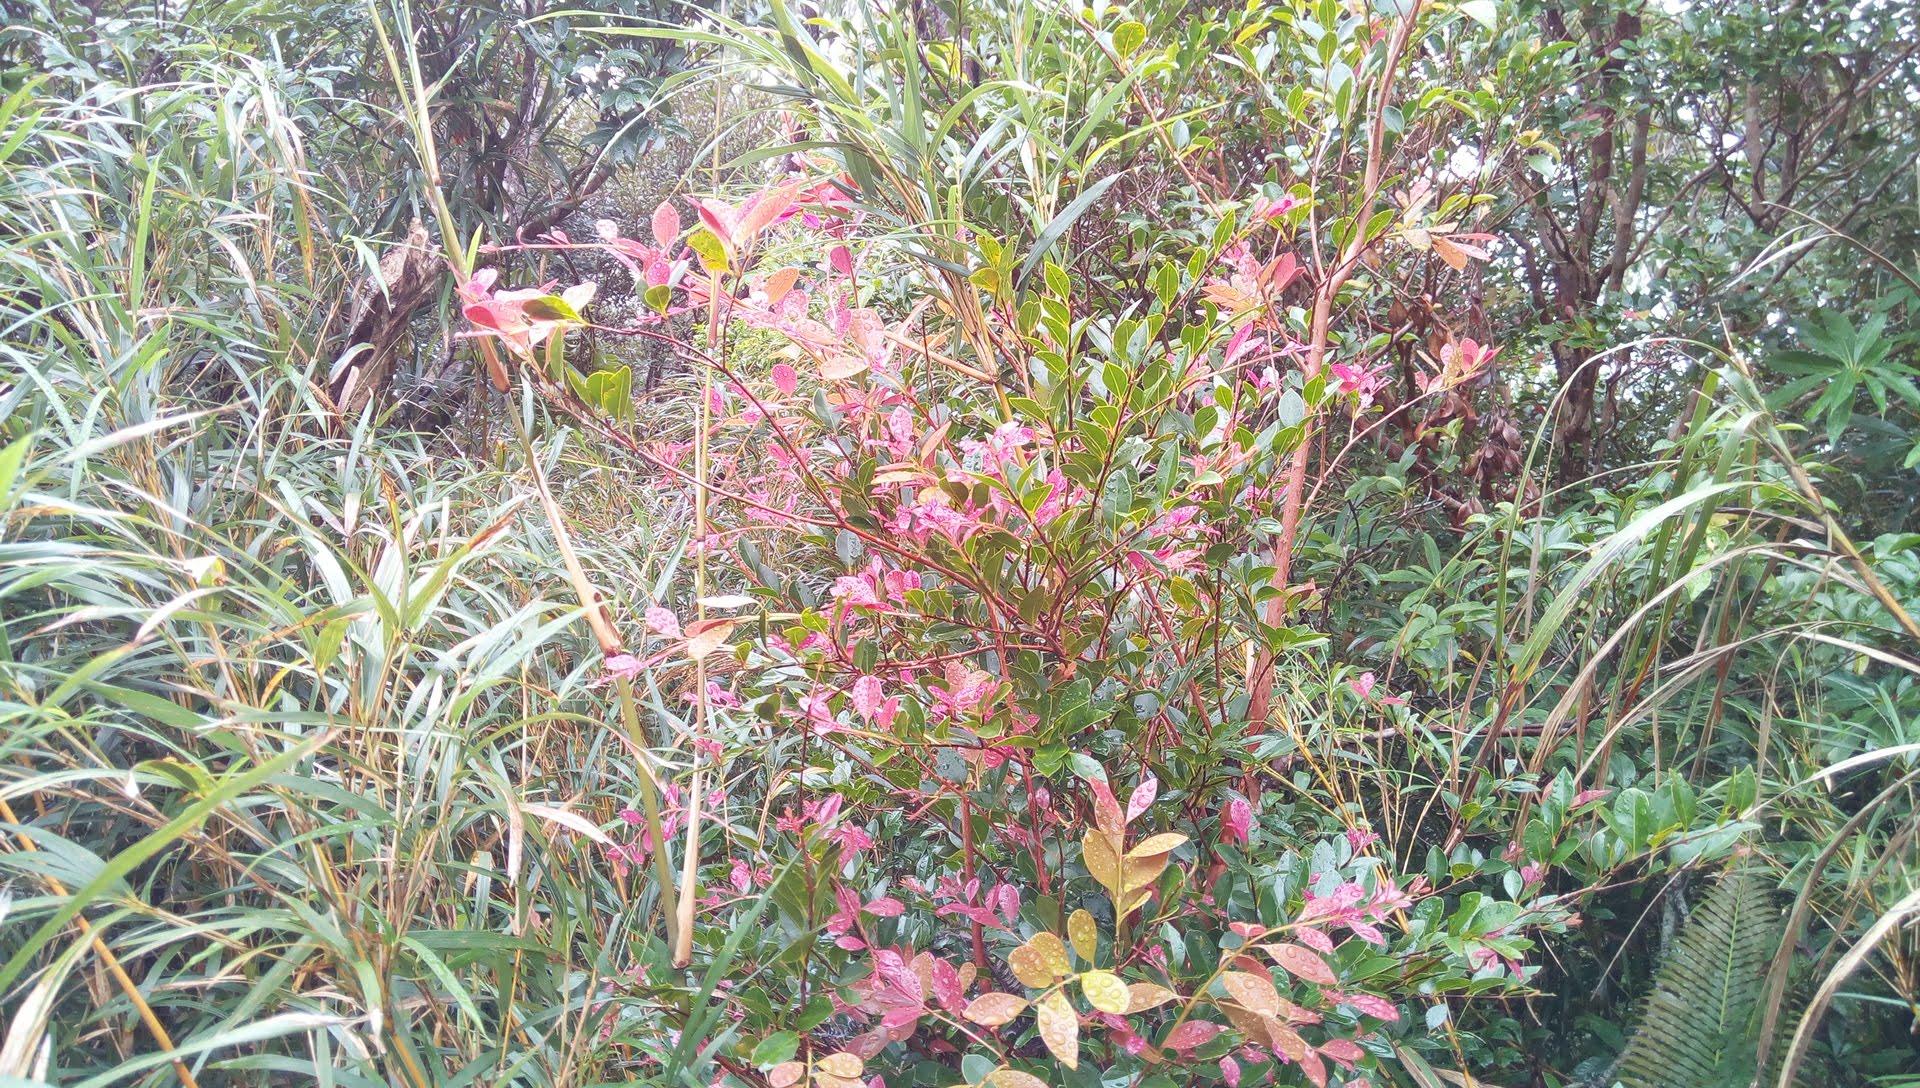 国頭トレイルウォークで見かけた植物 6